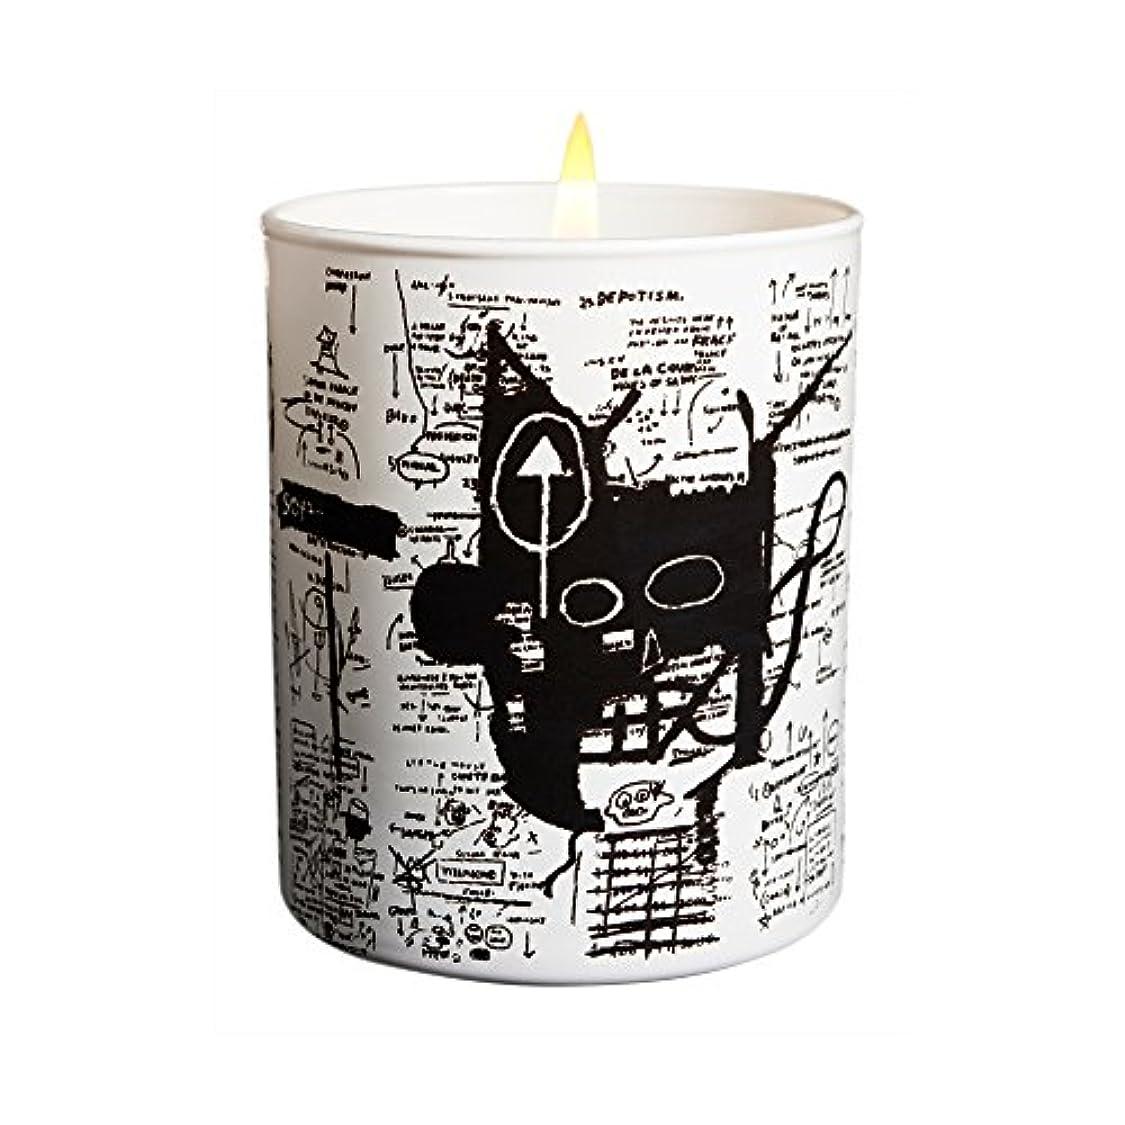 飲食店麺植物学者ジャン ミシェル バスキア リターン オブ ザ セントラル フィギュア キャンドル(Jean-Michael Basquiat Perfumed Candle